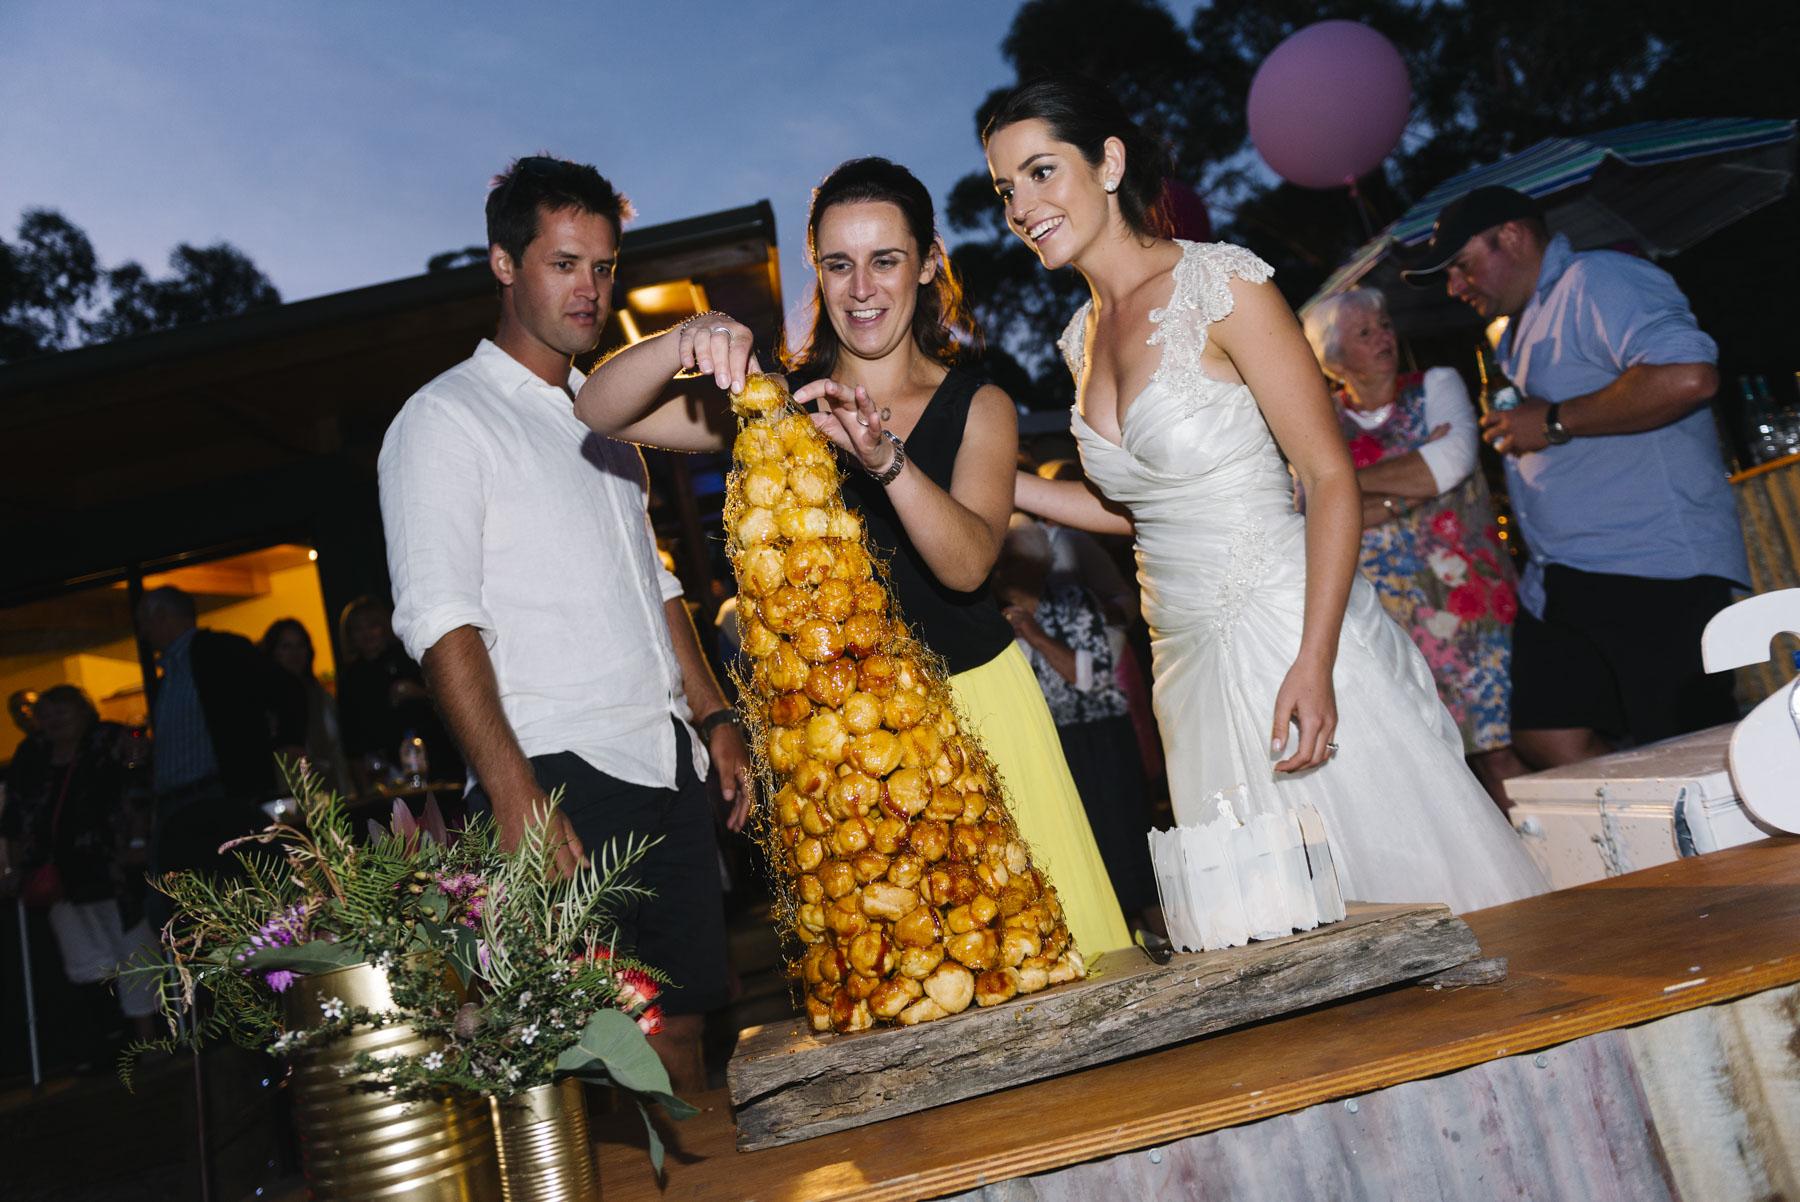 1501curchill-481alan_moyle_wedding_portrait_brighton_bayside_bay_of_fires_rustic_styled_rustic_beach_candid_documentry_binalongbay_tasmania_destination.jpg